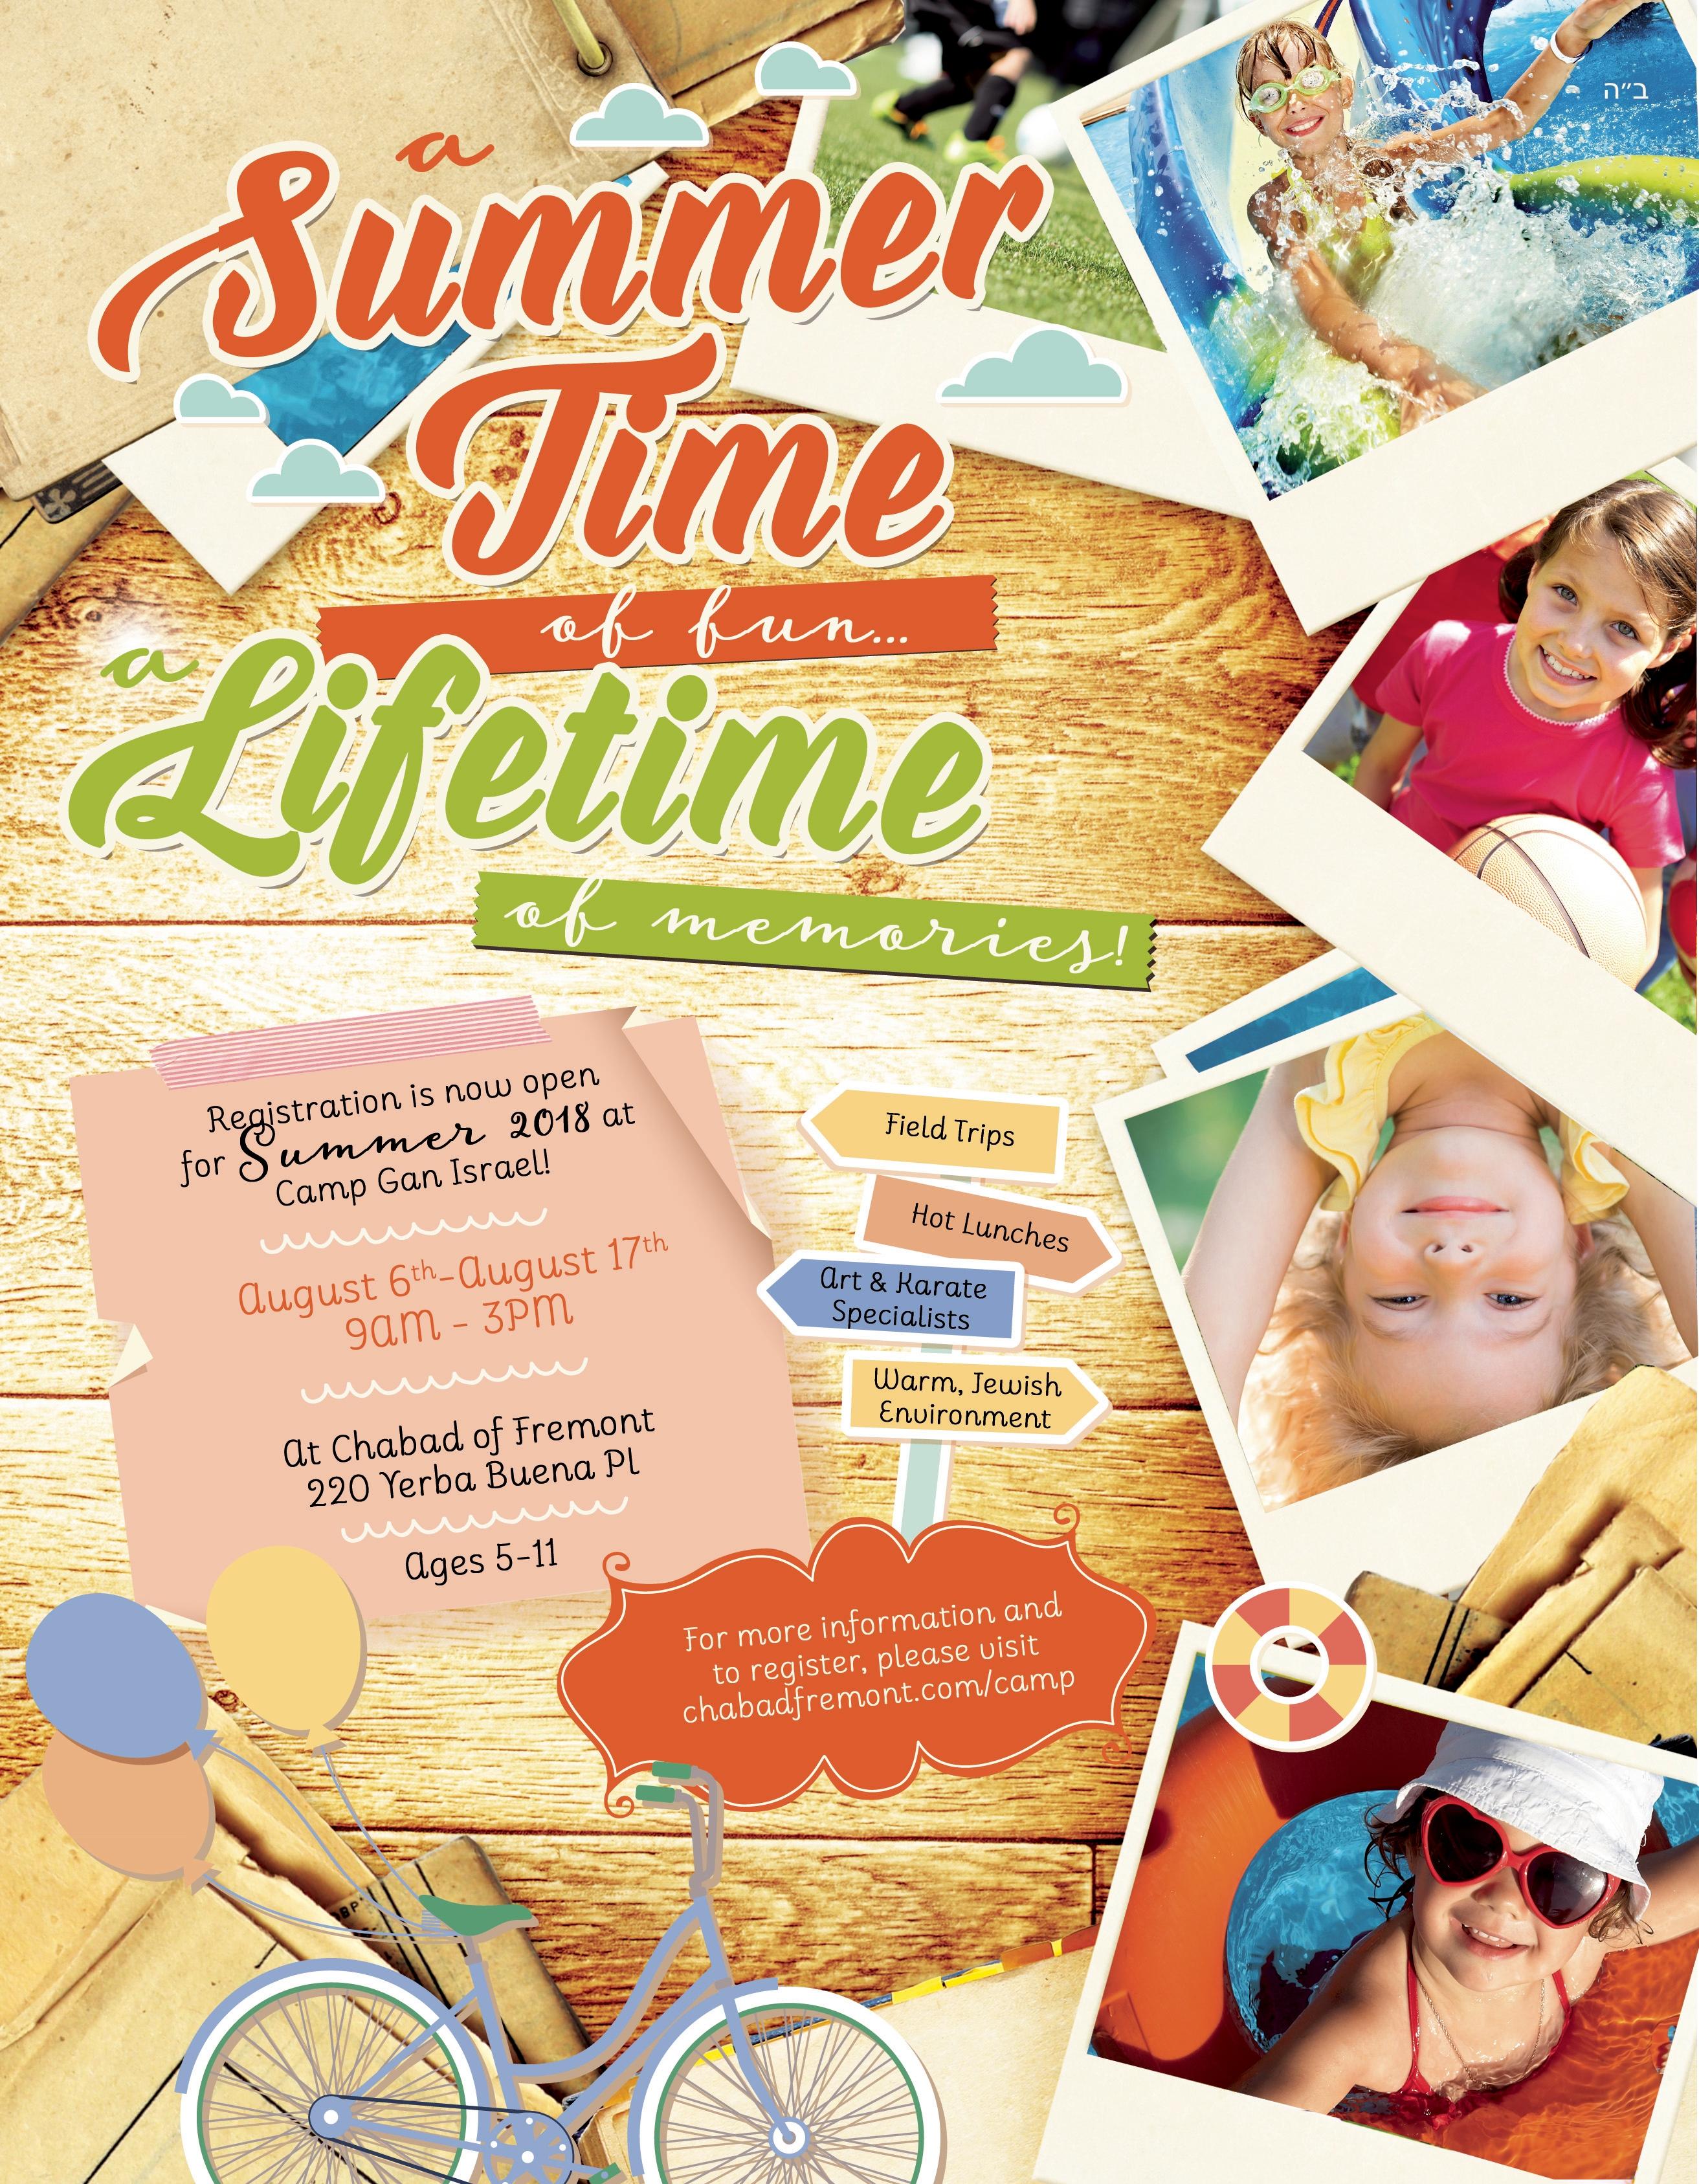 fremont_SummerCamp_Flyer.jpg